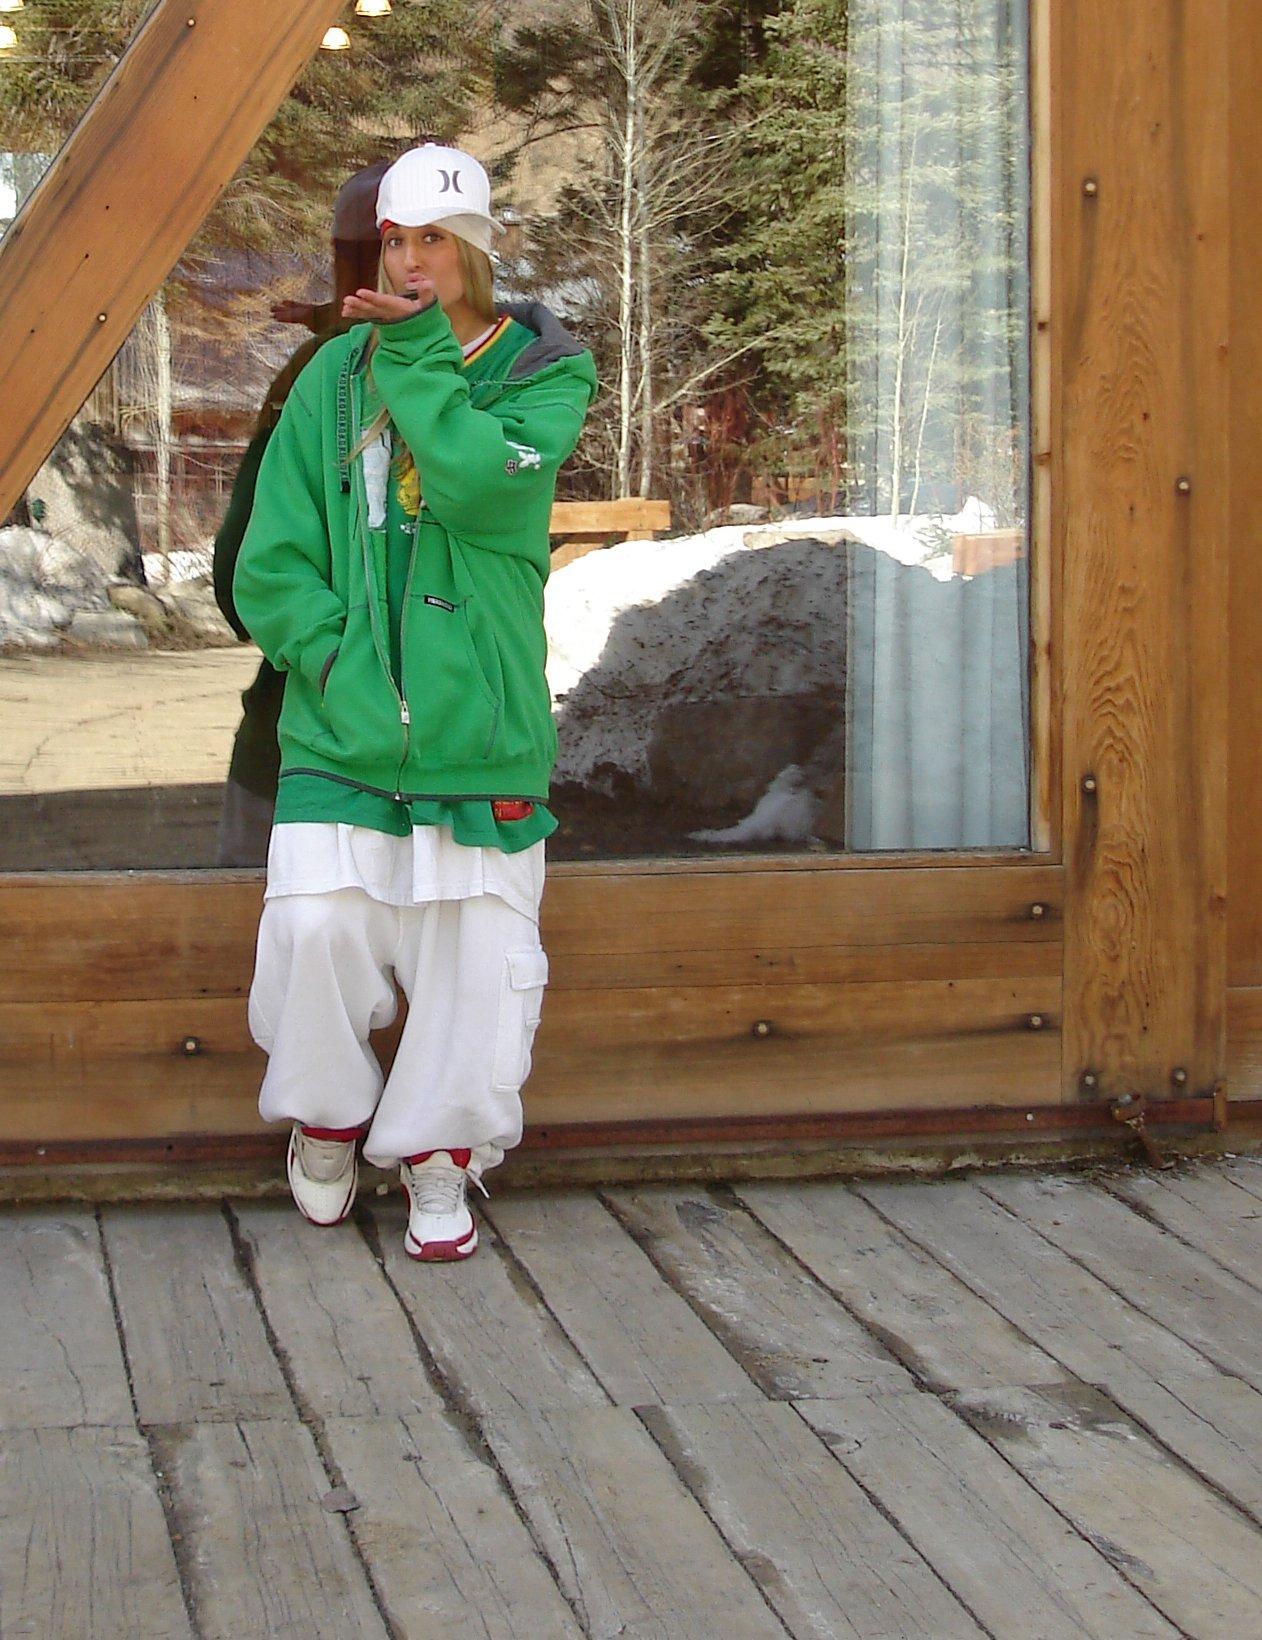 Chillin at Sundance resort